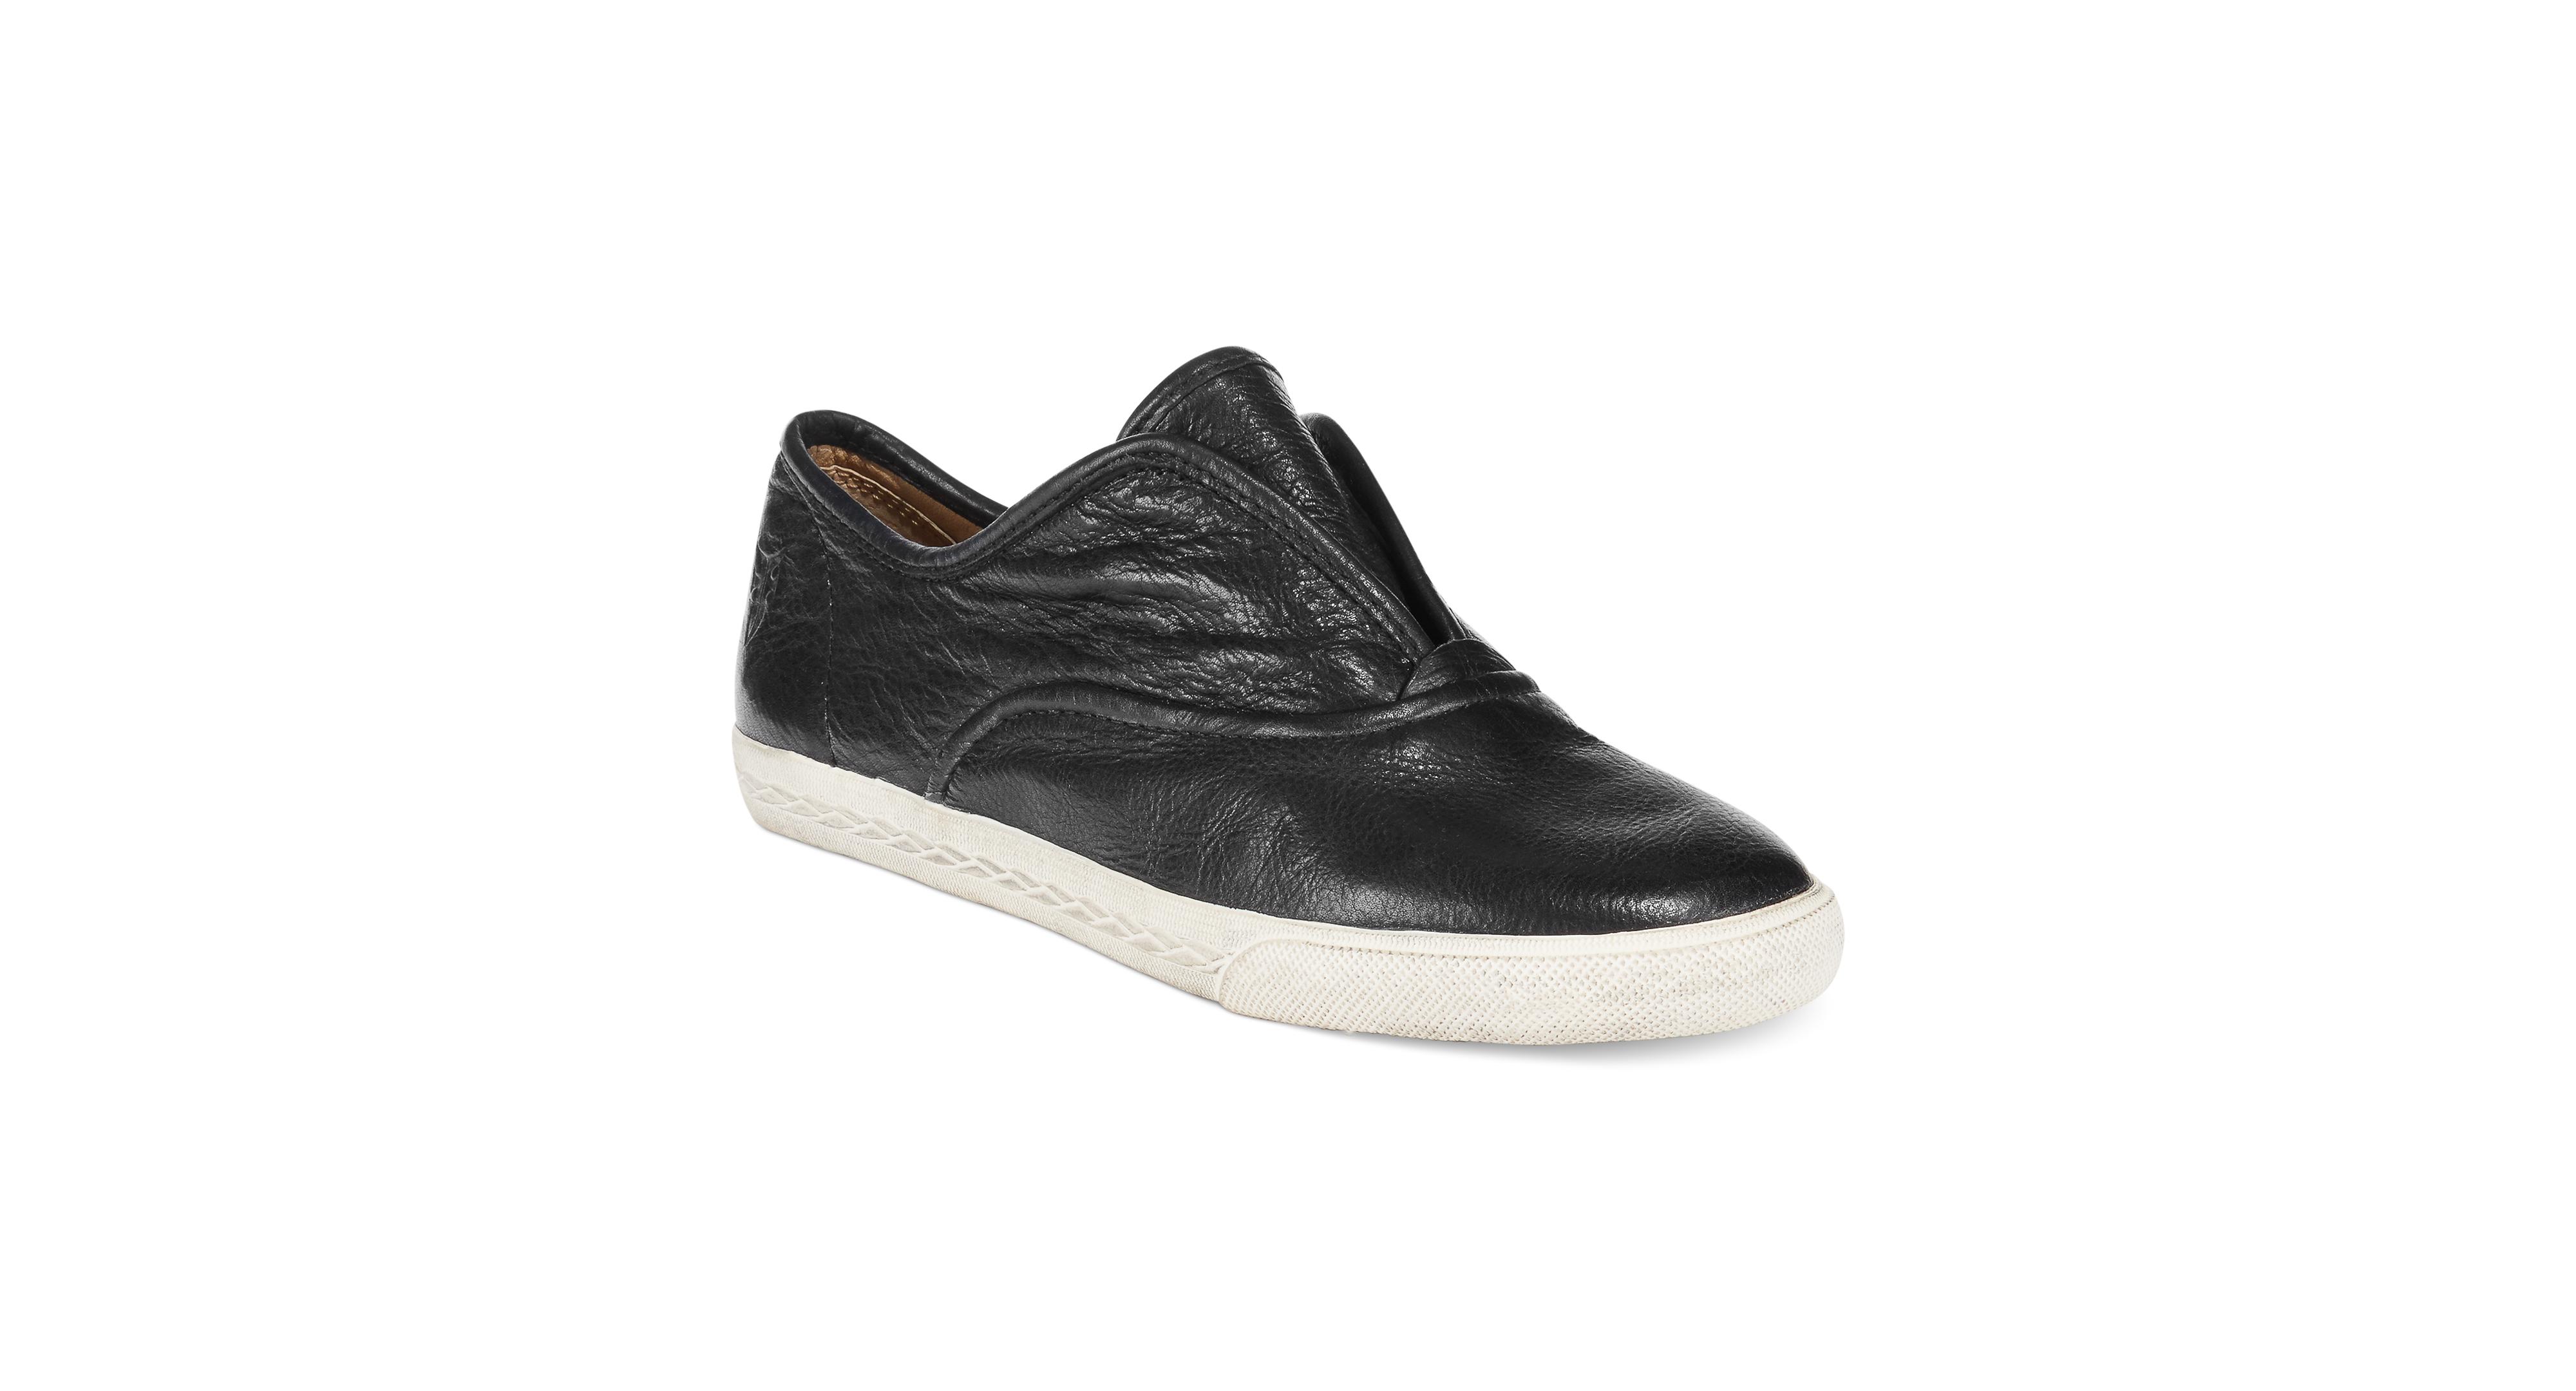 Frye Women's Mindy Slip-On Sneakers